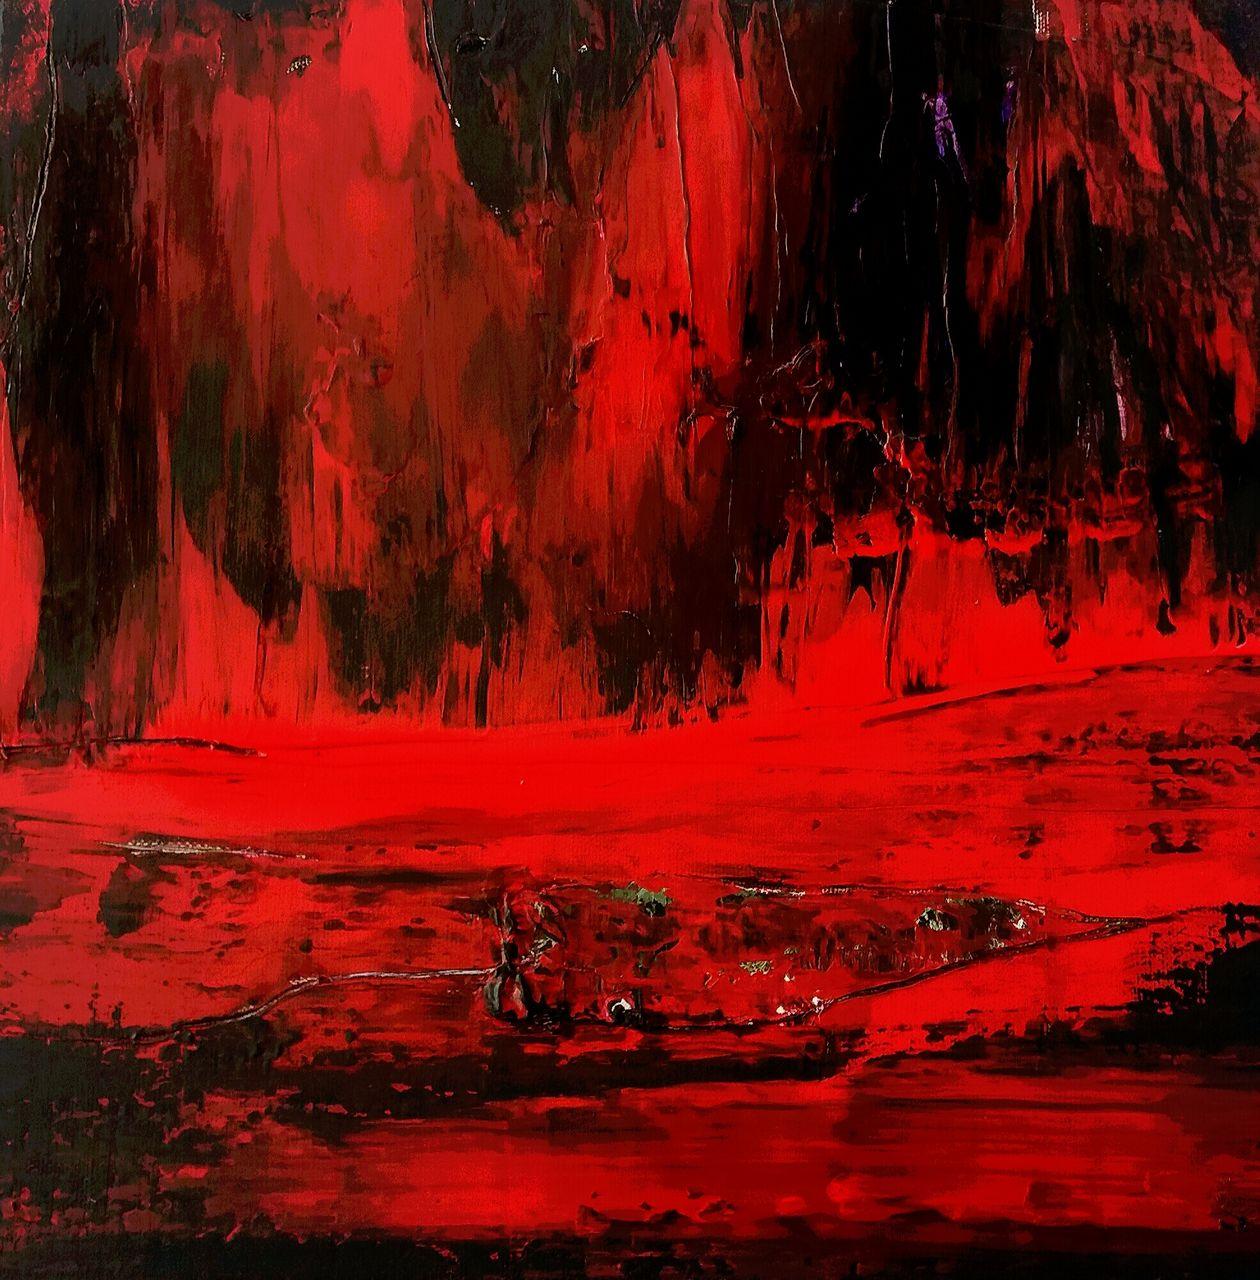 Bild: Landschaft, Feurig, Rot, Schwarz von RenateHorn bei KunstNet